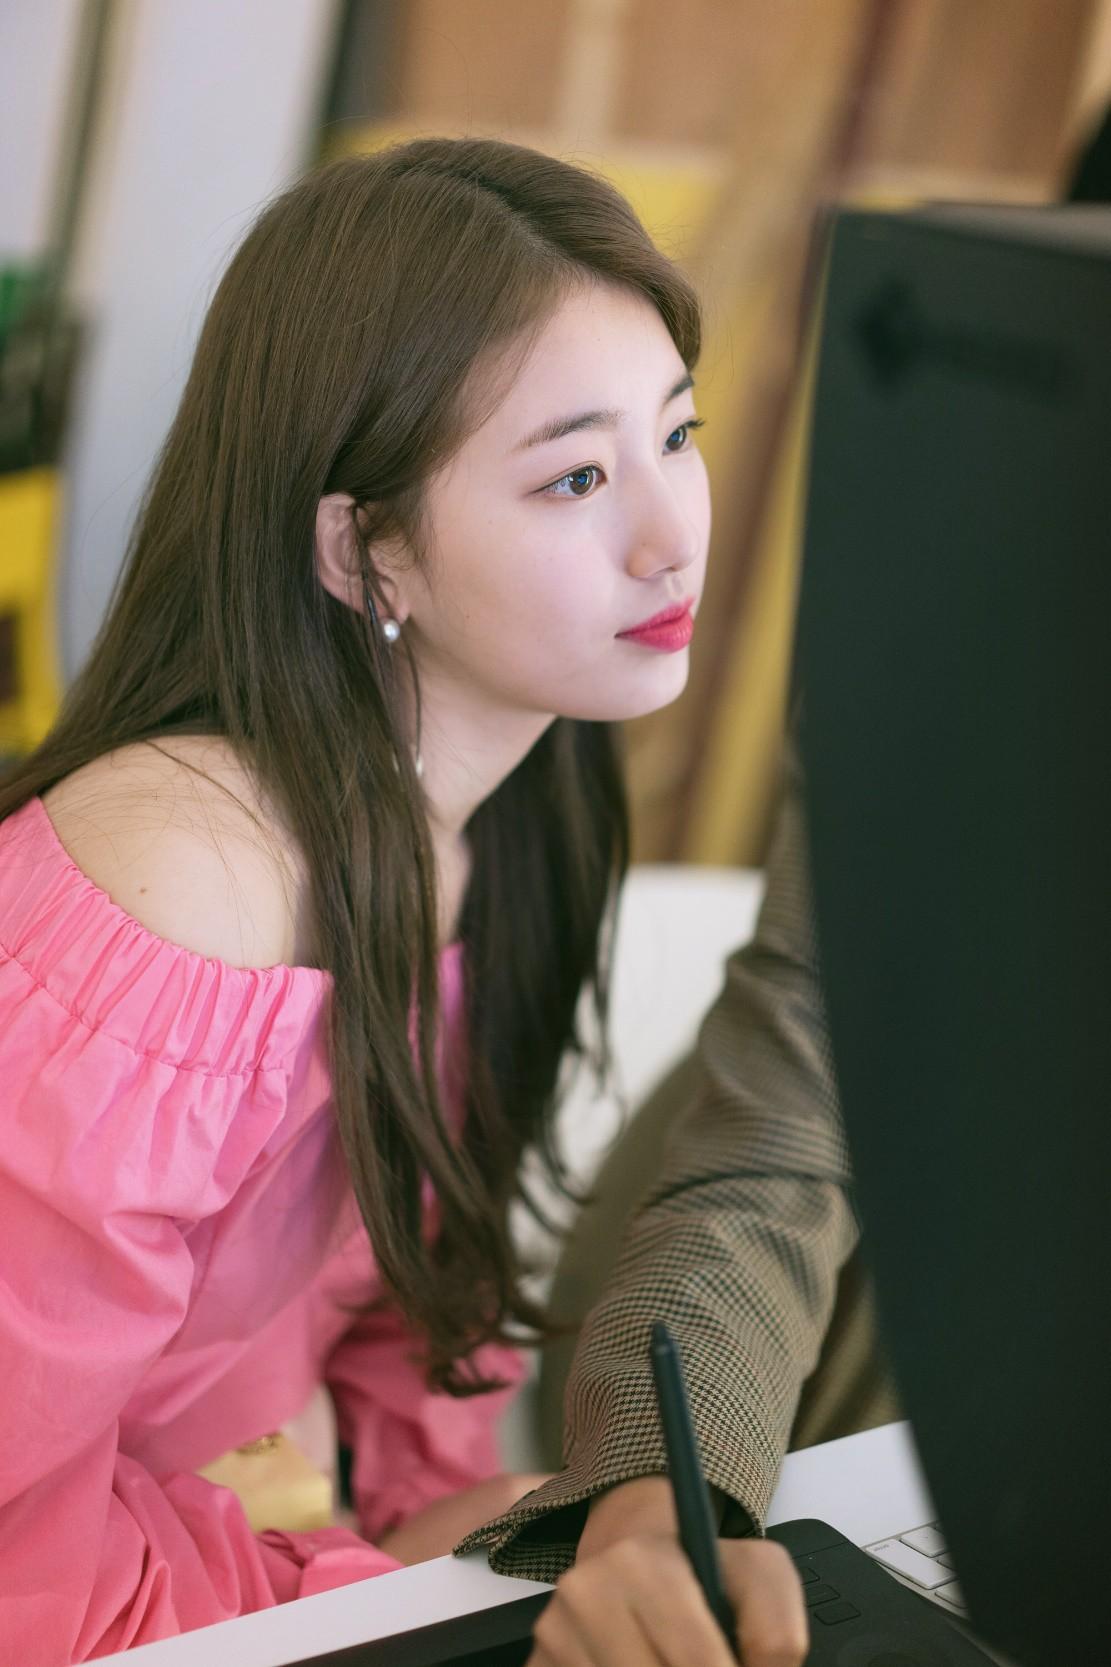 Nhan sắc tuyệt đỉnh hàng đầu Hàn Quốc, Suzy và Lee Dong Wook liệu sẽ soán ngôi Song Song về độ đẹp đôi? - Ảnh 8.